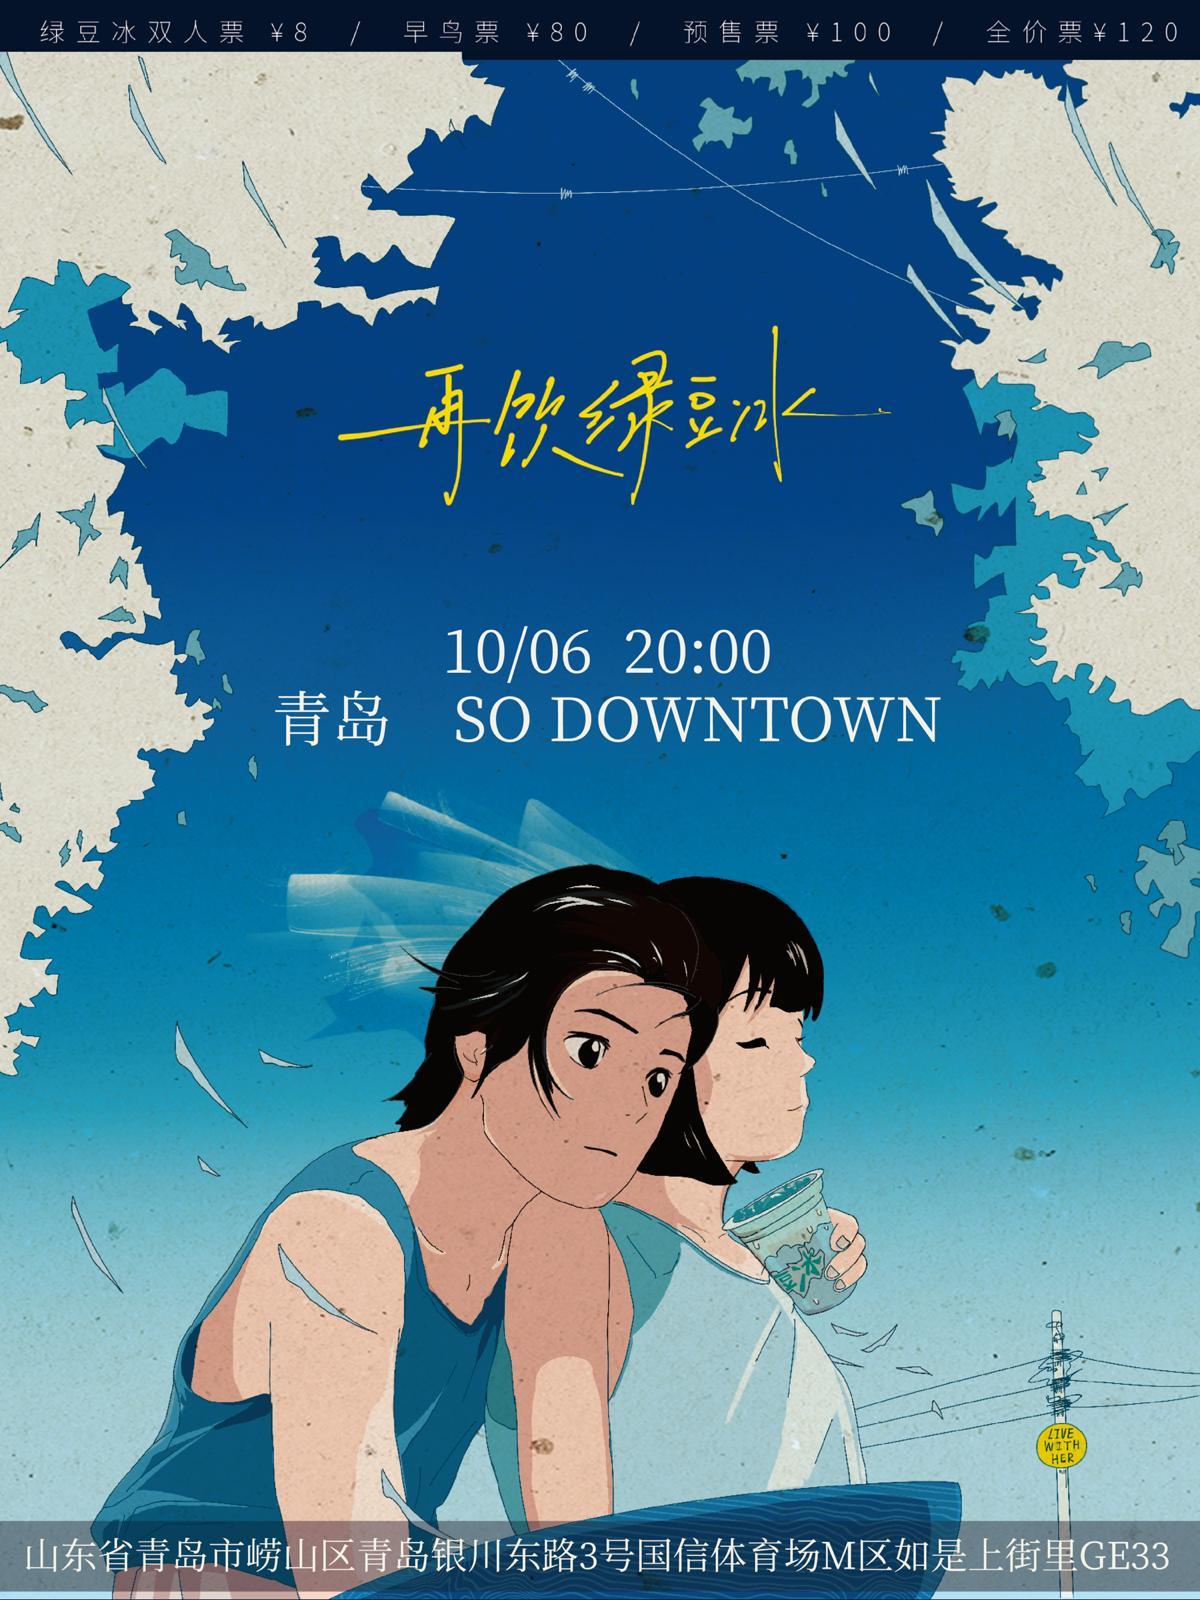 《再饮绿豆冰》2021夏季限定巡回青岛